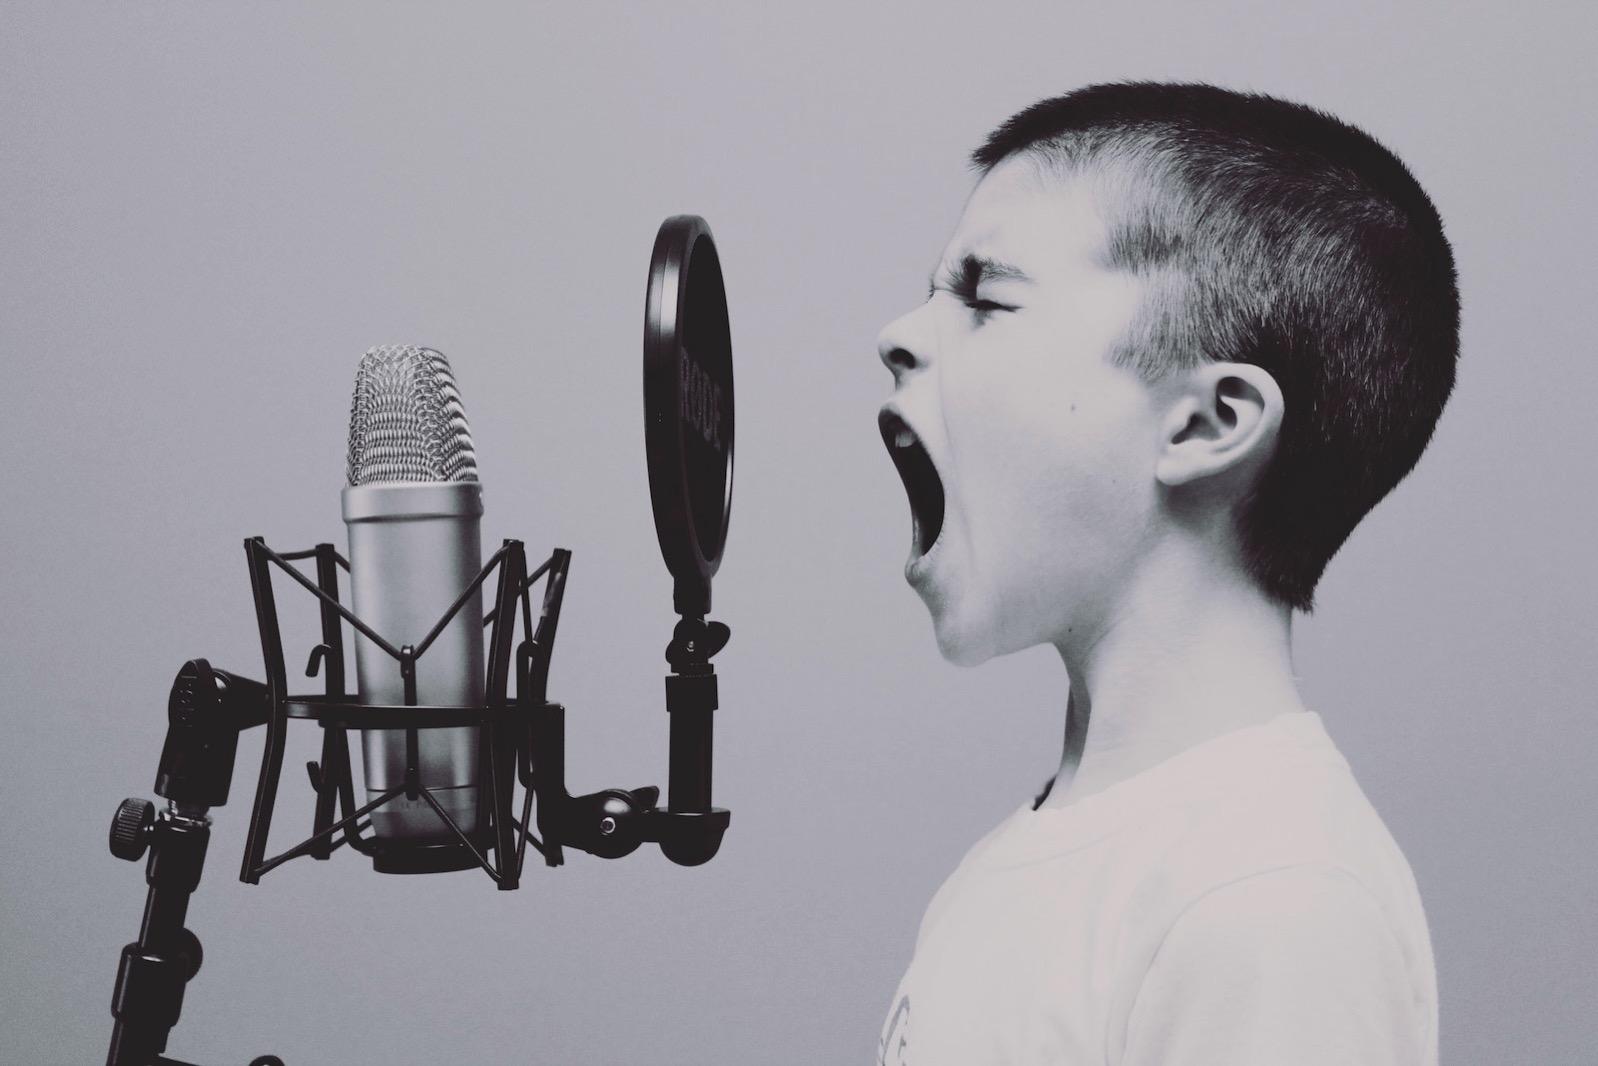 Jason rosewell 60014 karaoke boy